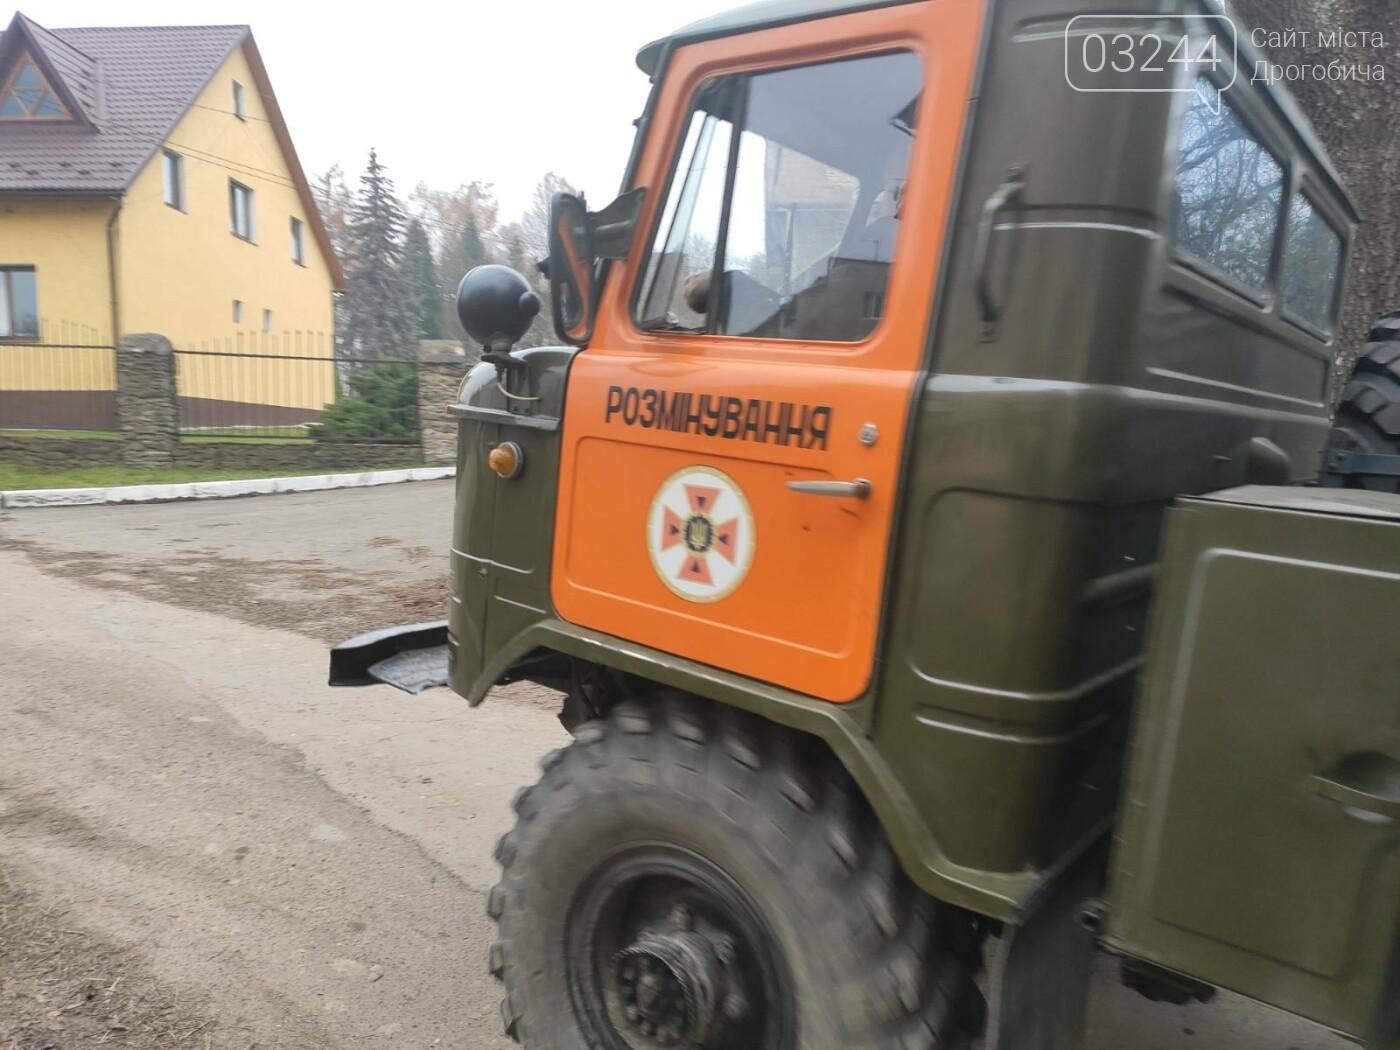 У Дрогобичі на вулиці Стрийській знайшли гранату, - ФОТО, фото-2